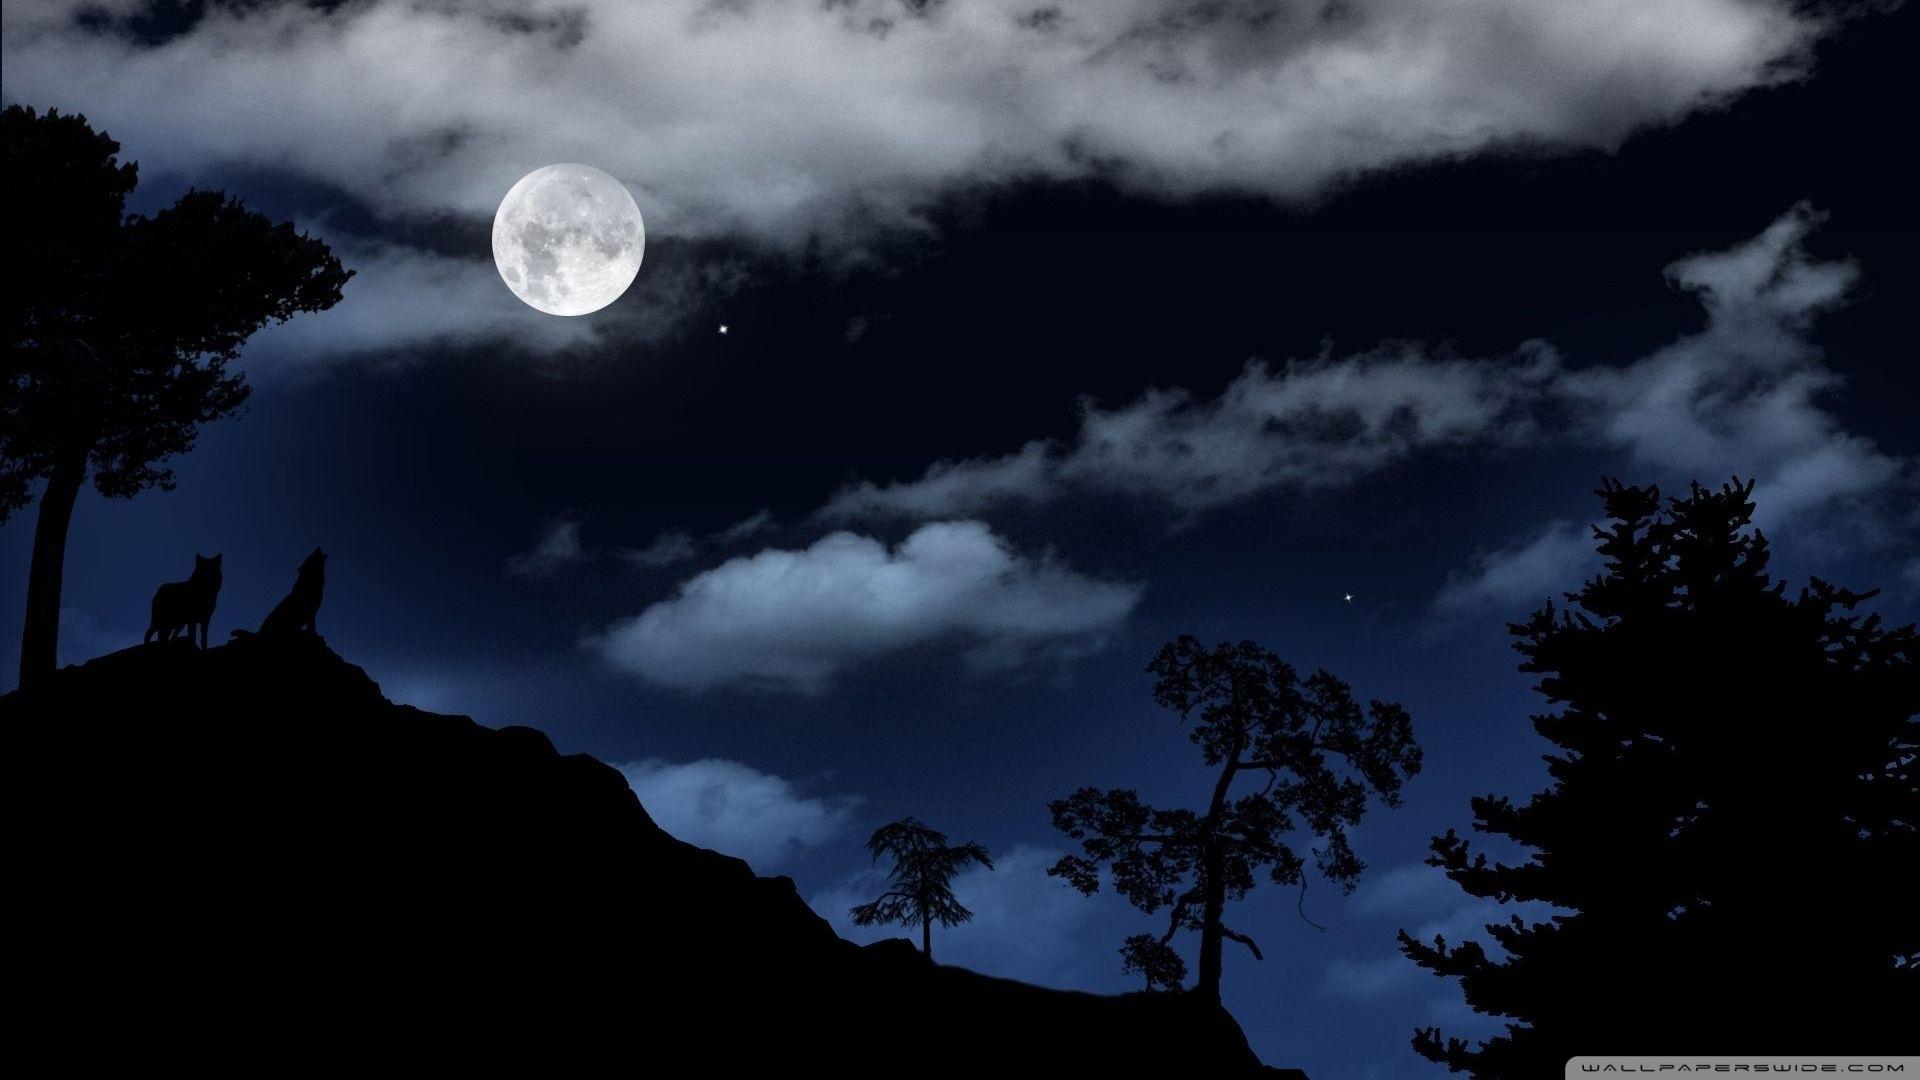 full moon over the forest ❤ 4k hd desktop wallpaper for 4k ultra hd tv